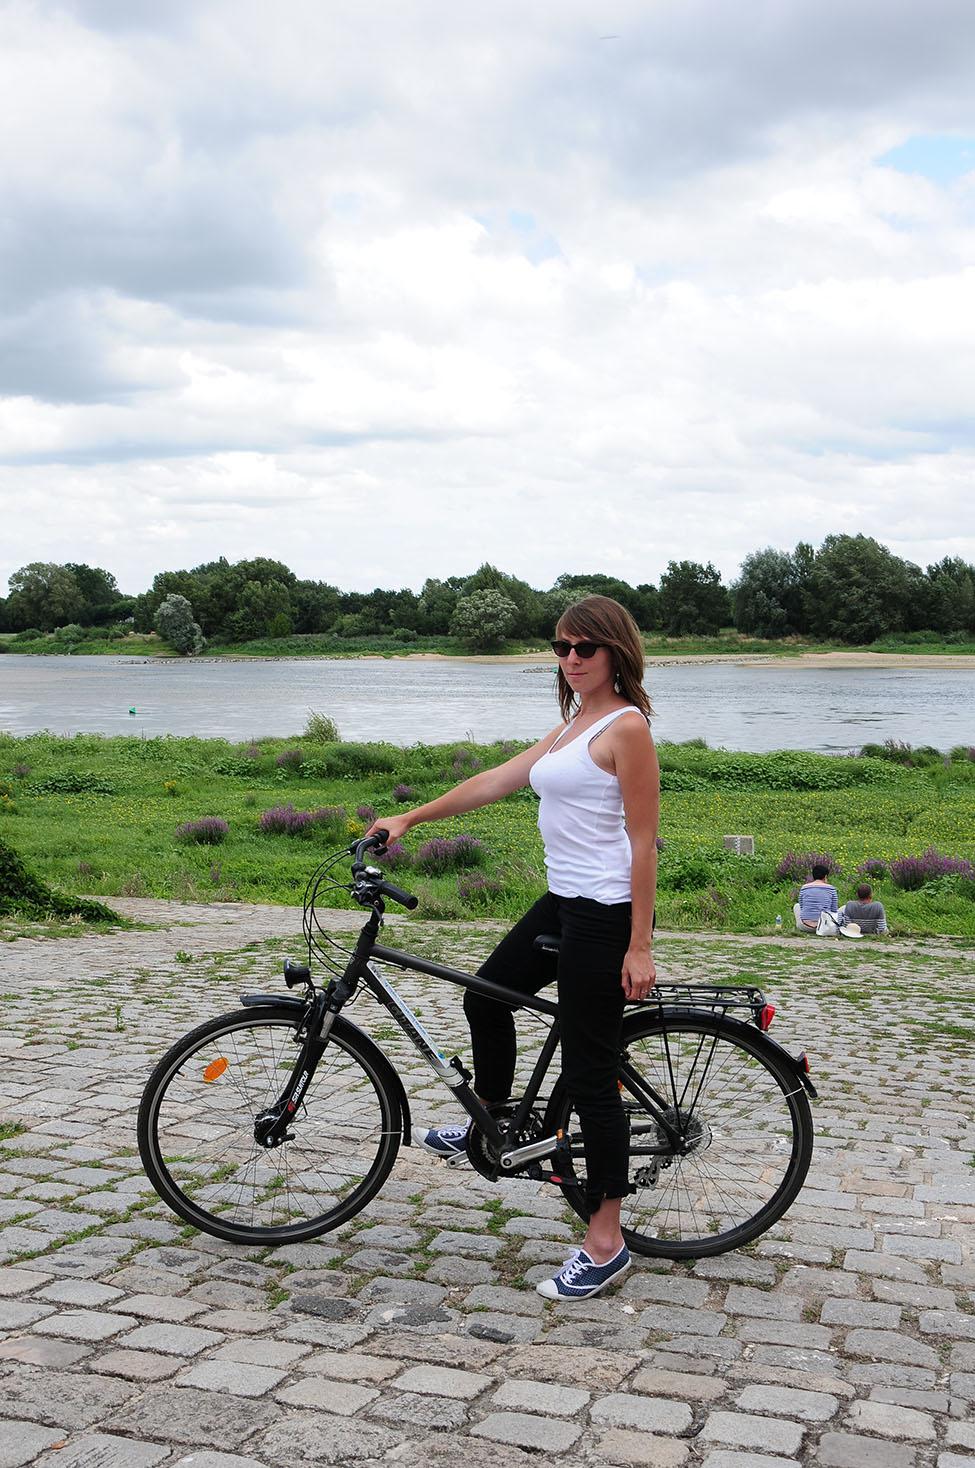 loire à vélo, vélo de chez vert event